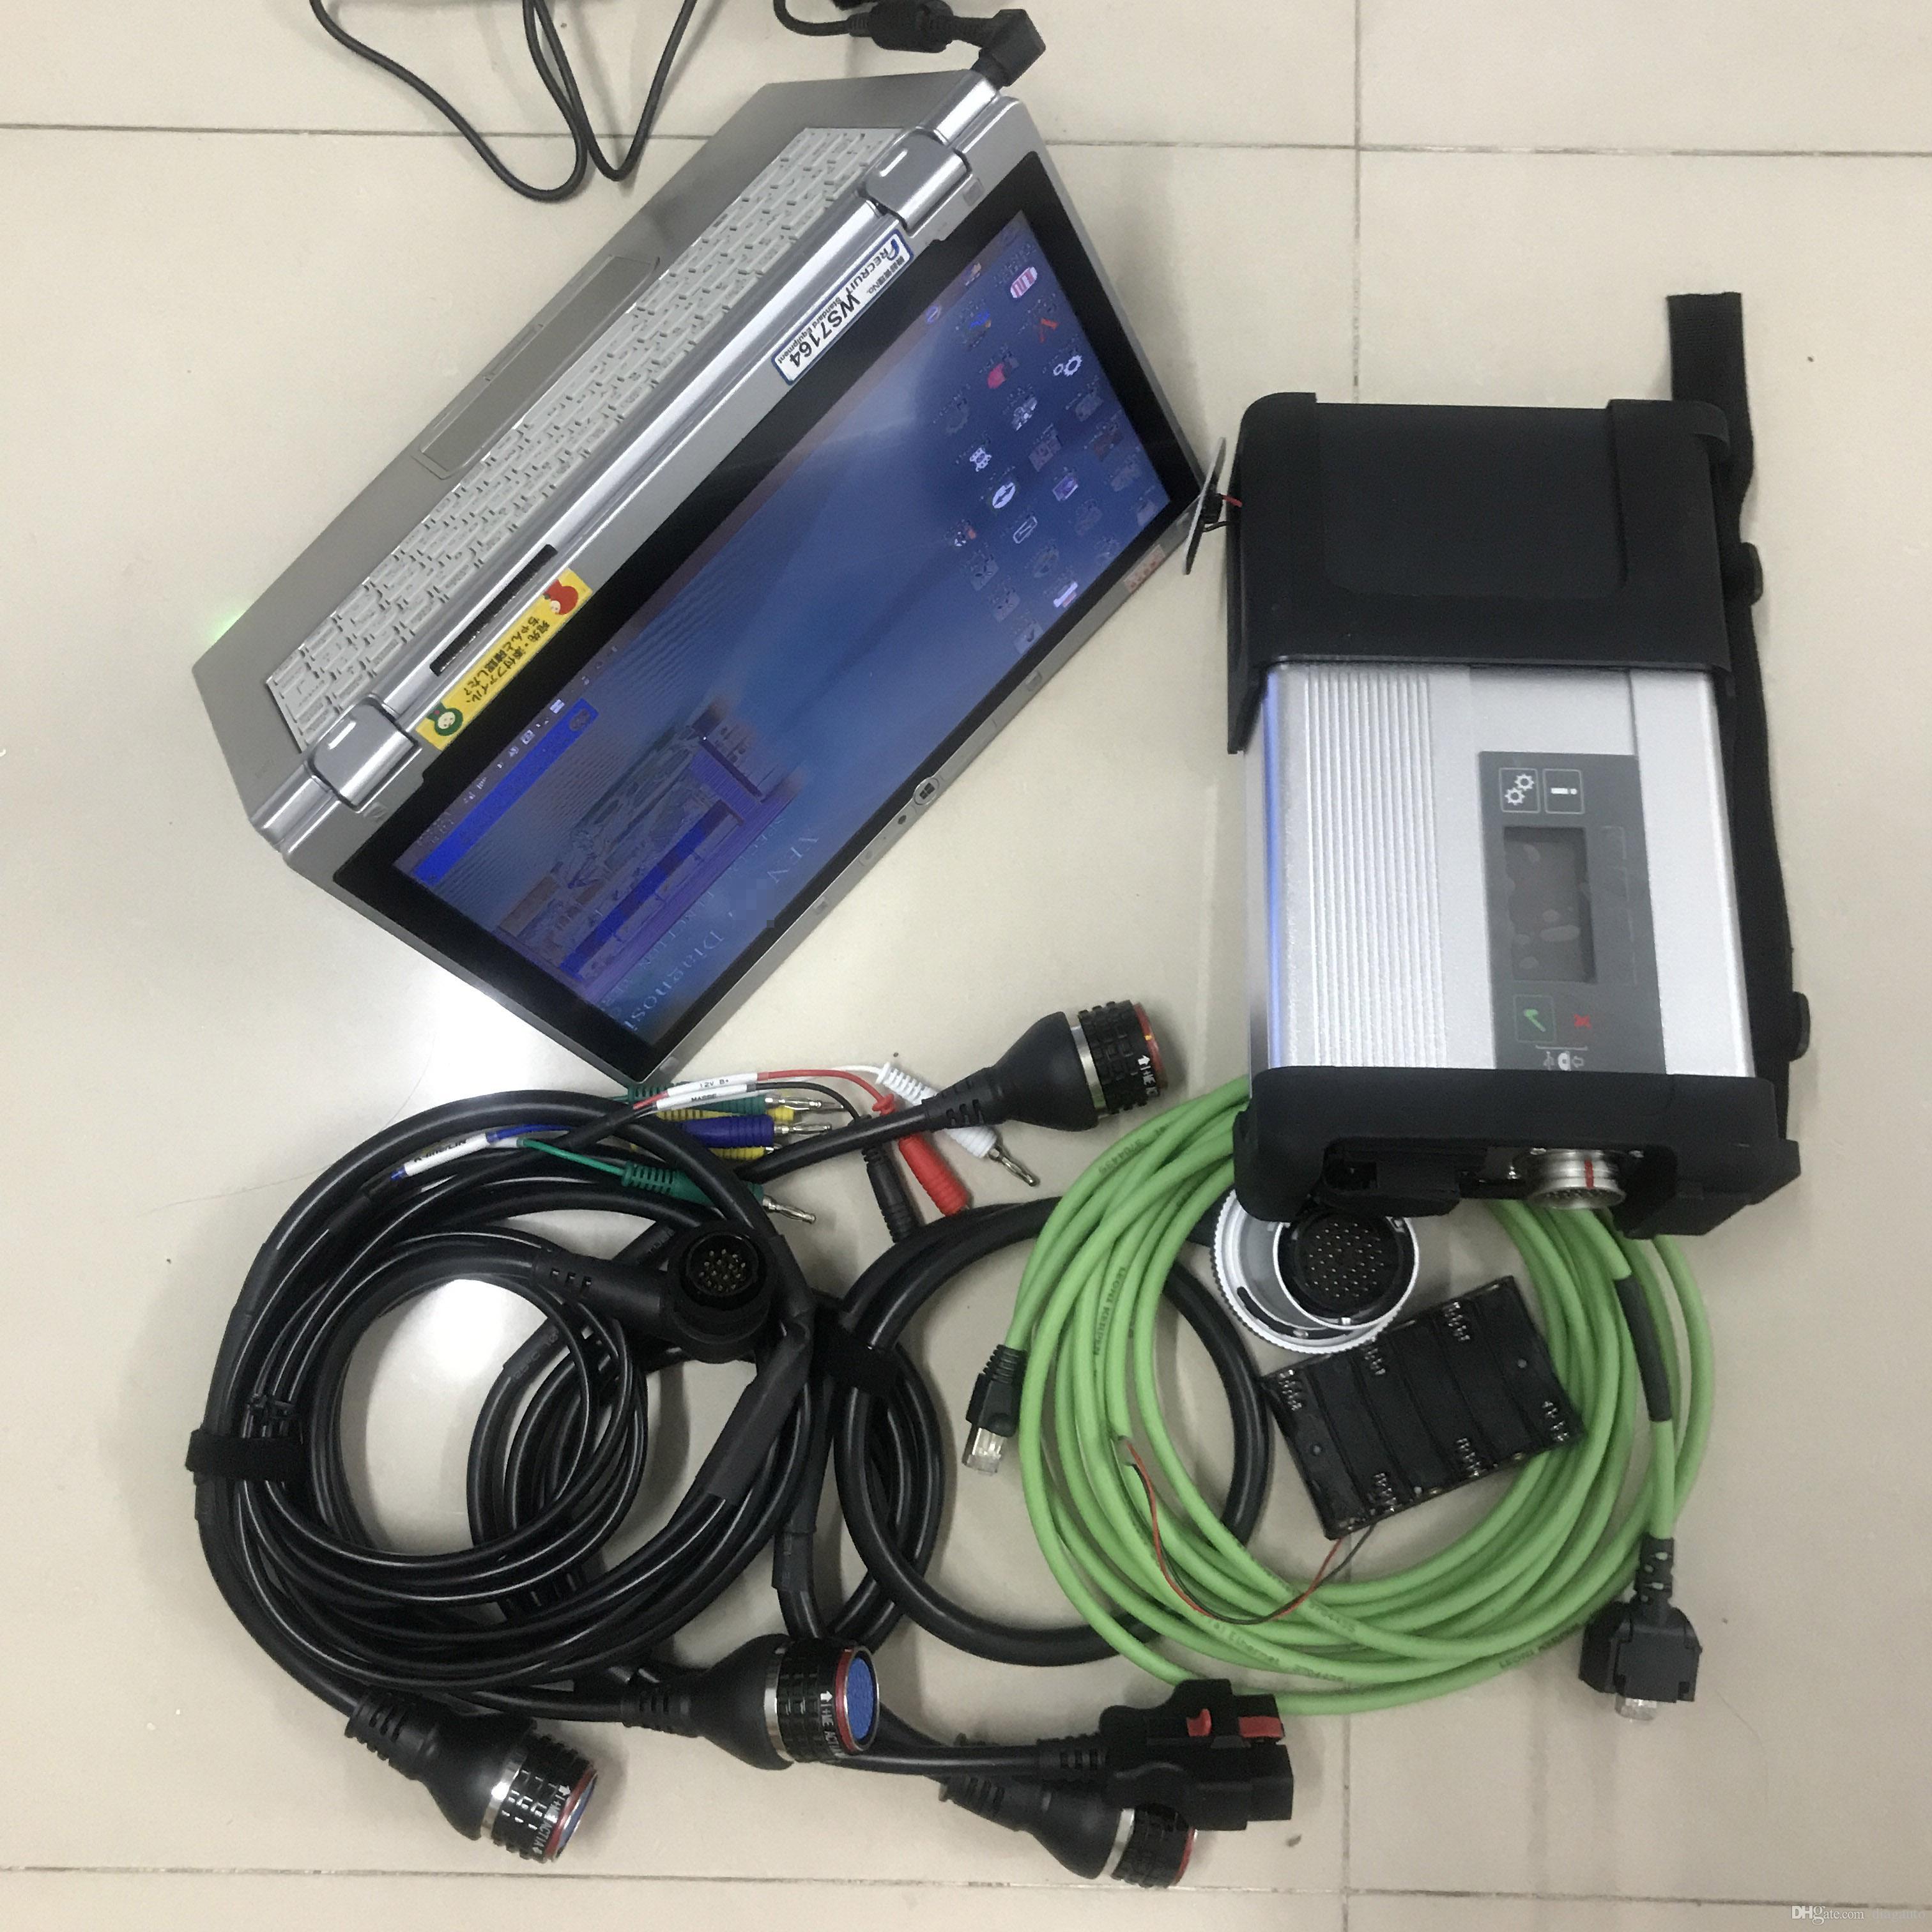 ميغابايت ميغابايت ستار C5 Diagnose مع الكمبيوتر المحمول CF-AX2 I5 8G 480G SSD Soft-Ware 2021.03 Windows 7 جاهزة للاستخدام